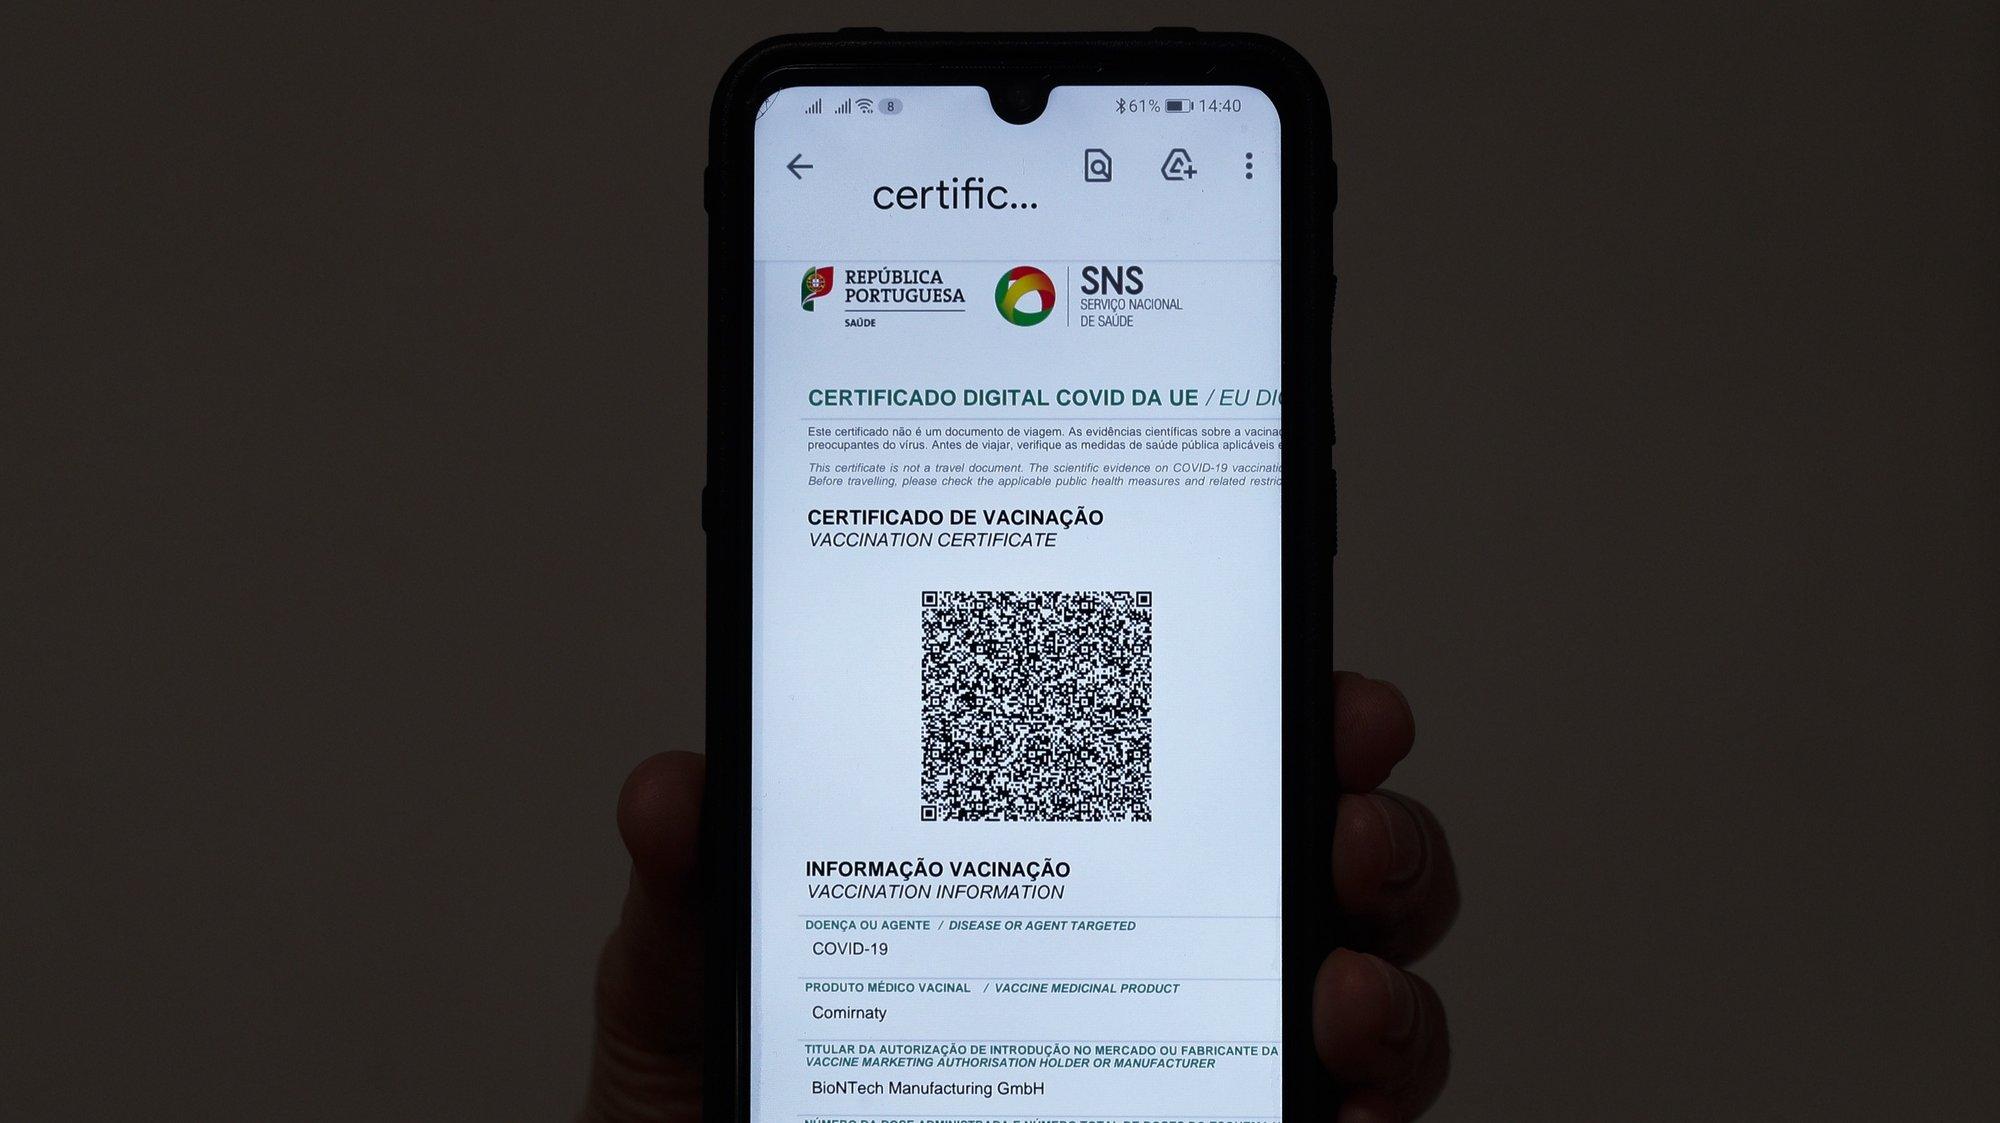 Certificado digital de vacinação, Lisboa, 18 de junho de 2021. ANTÓNIO COTRIM/LUSA